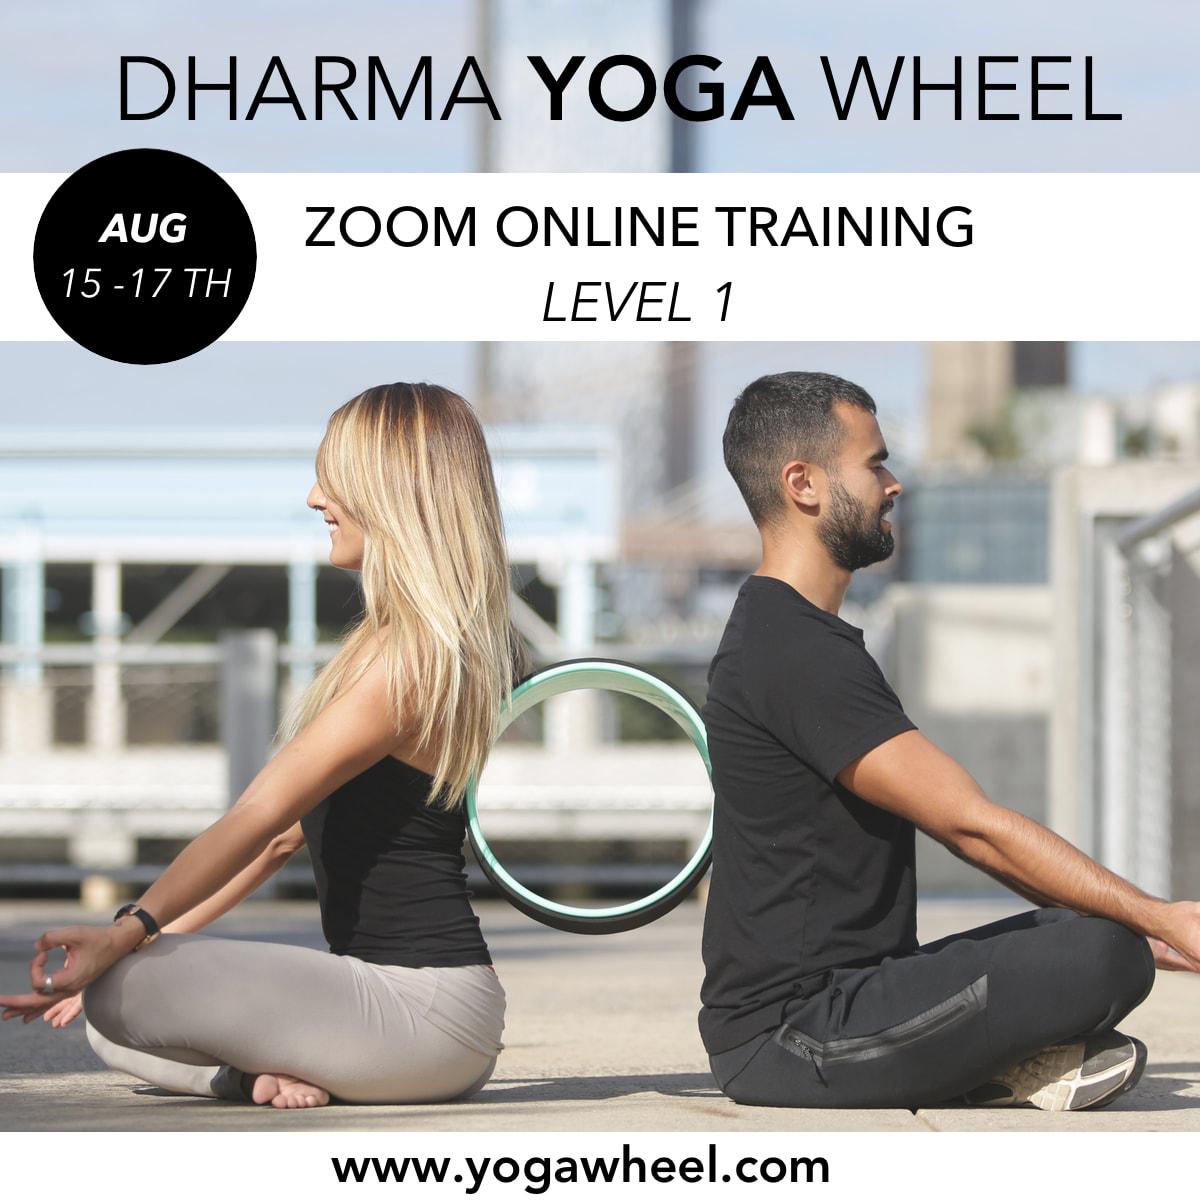 DYW online Training